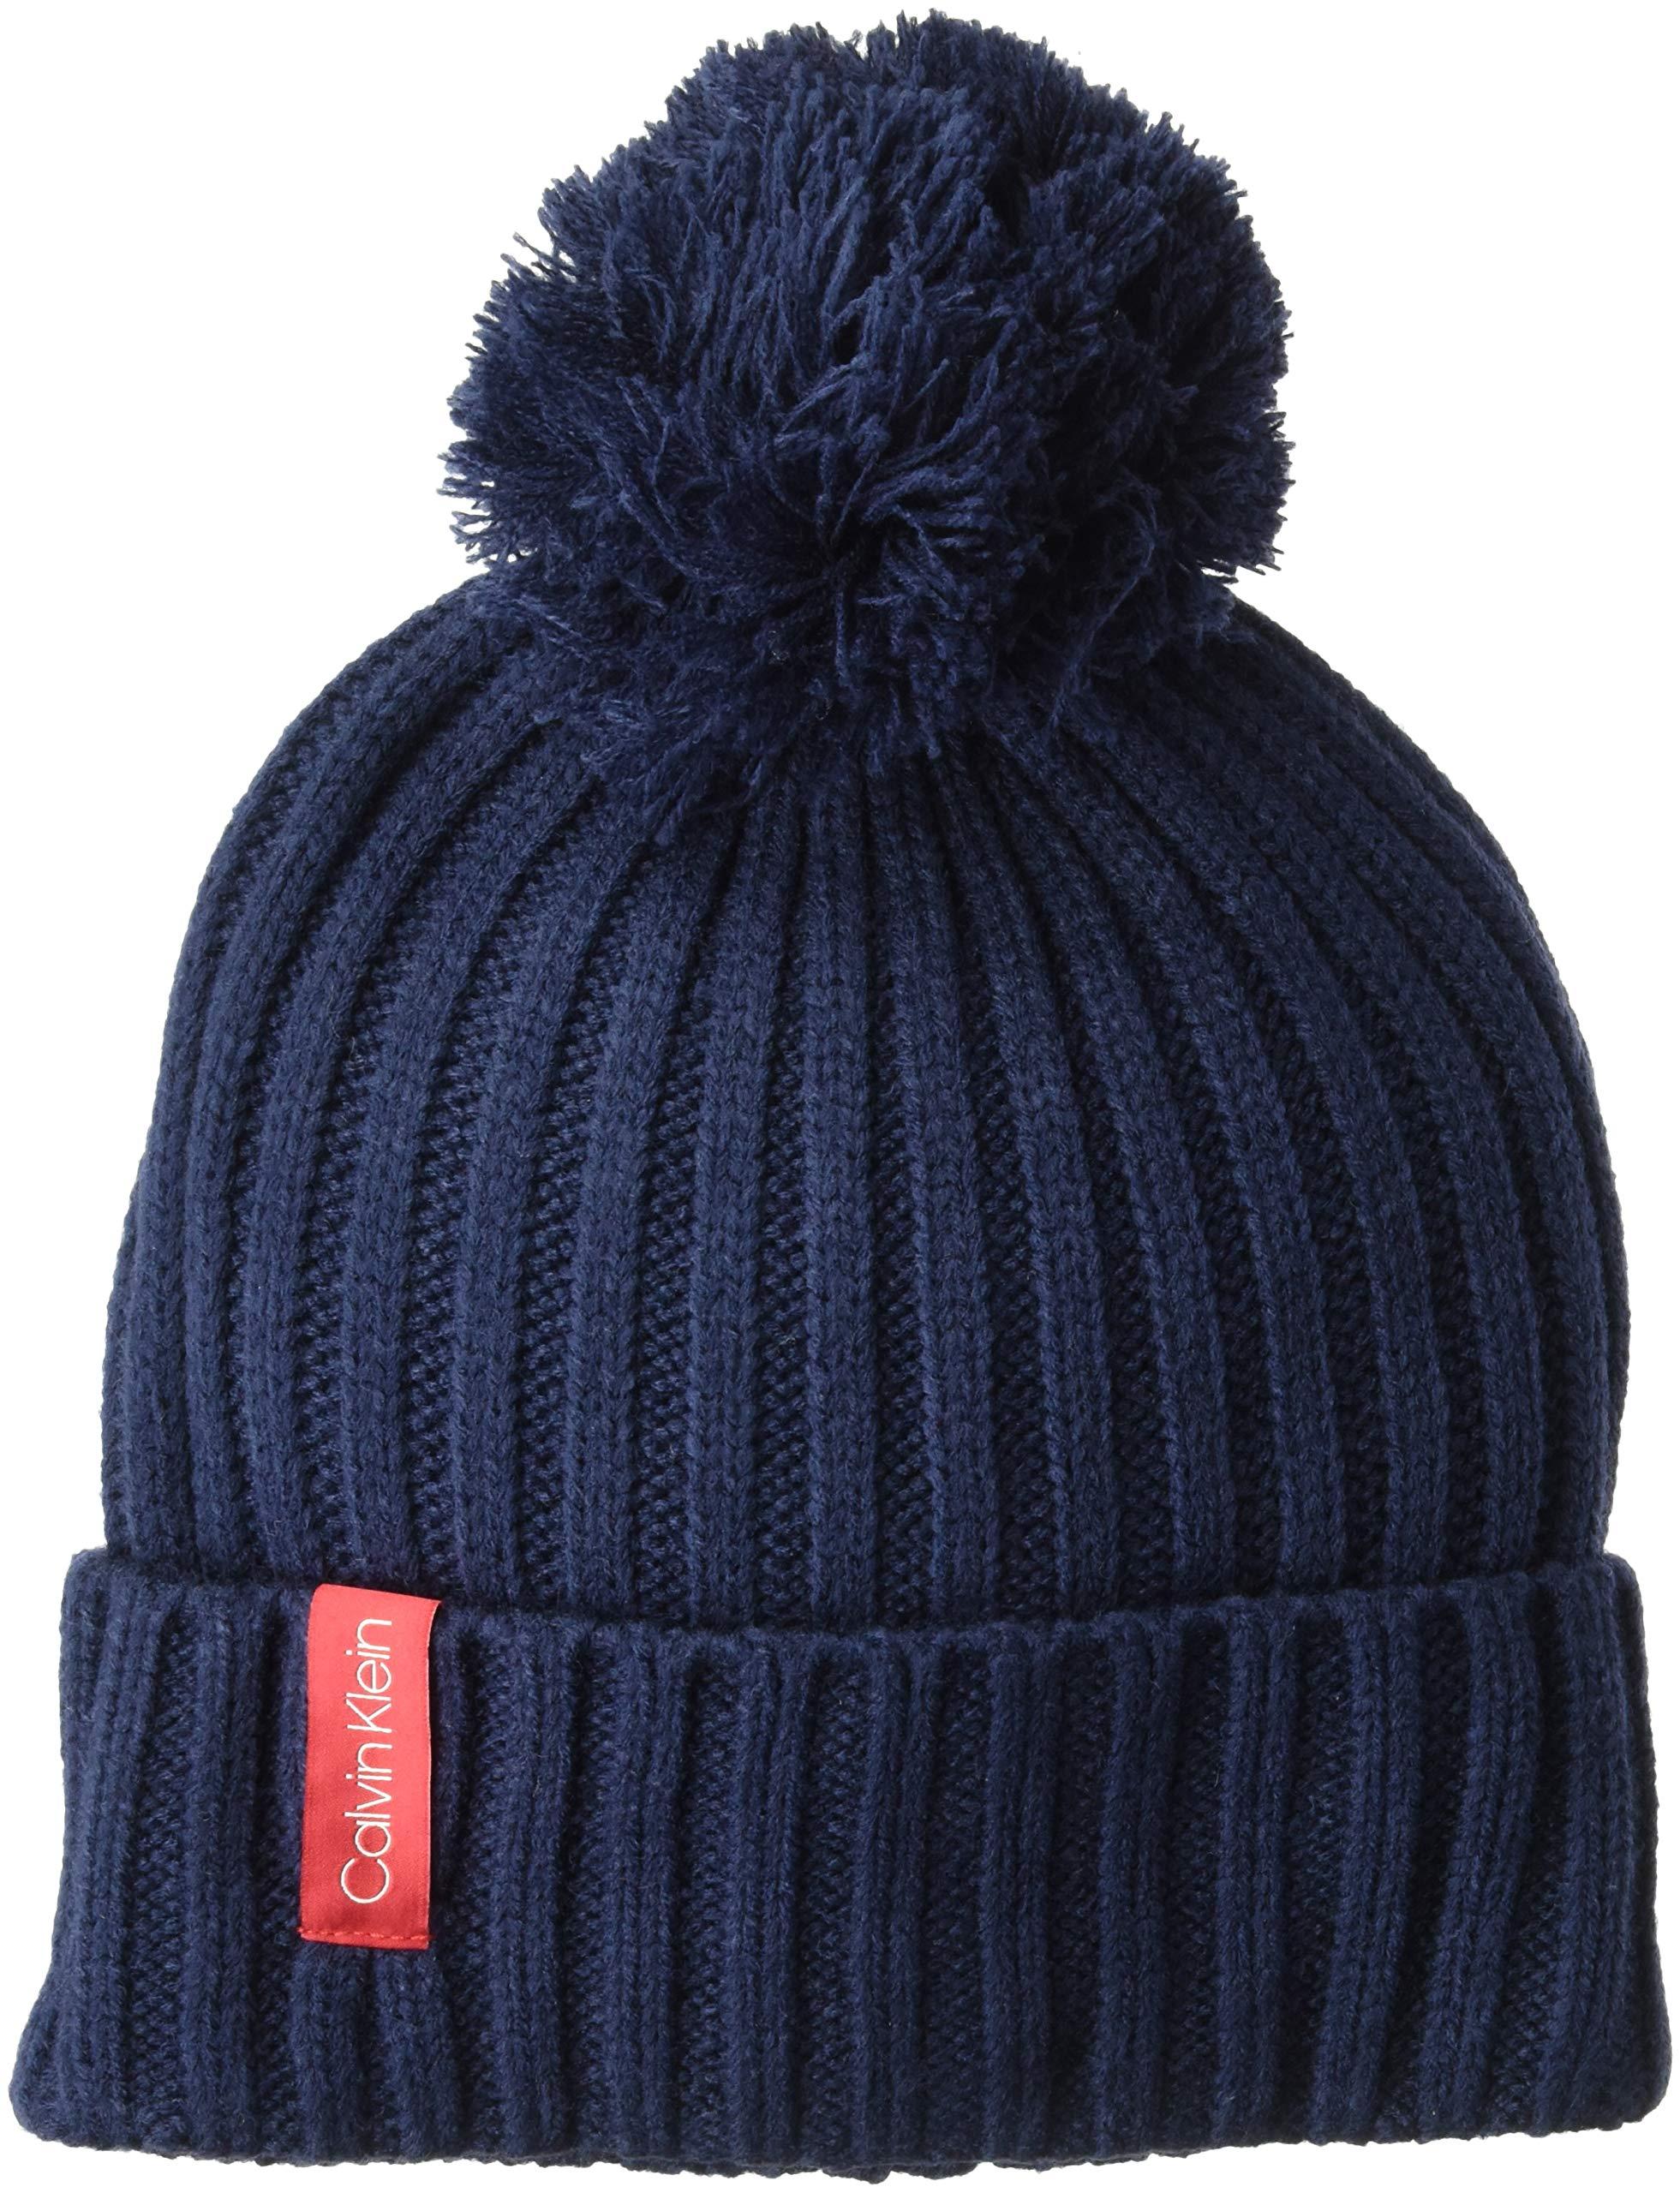 Calvin Klein Women's Basic Rib Pom Hat, navy, O/S